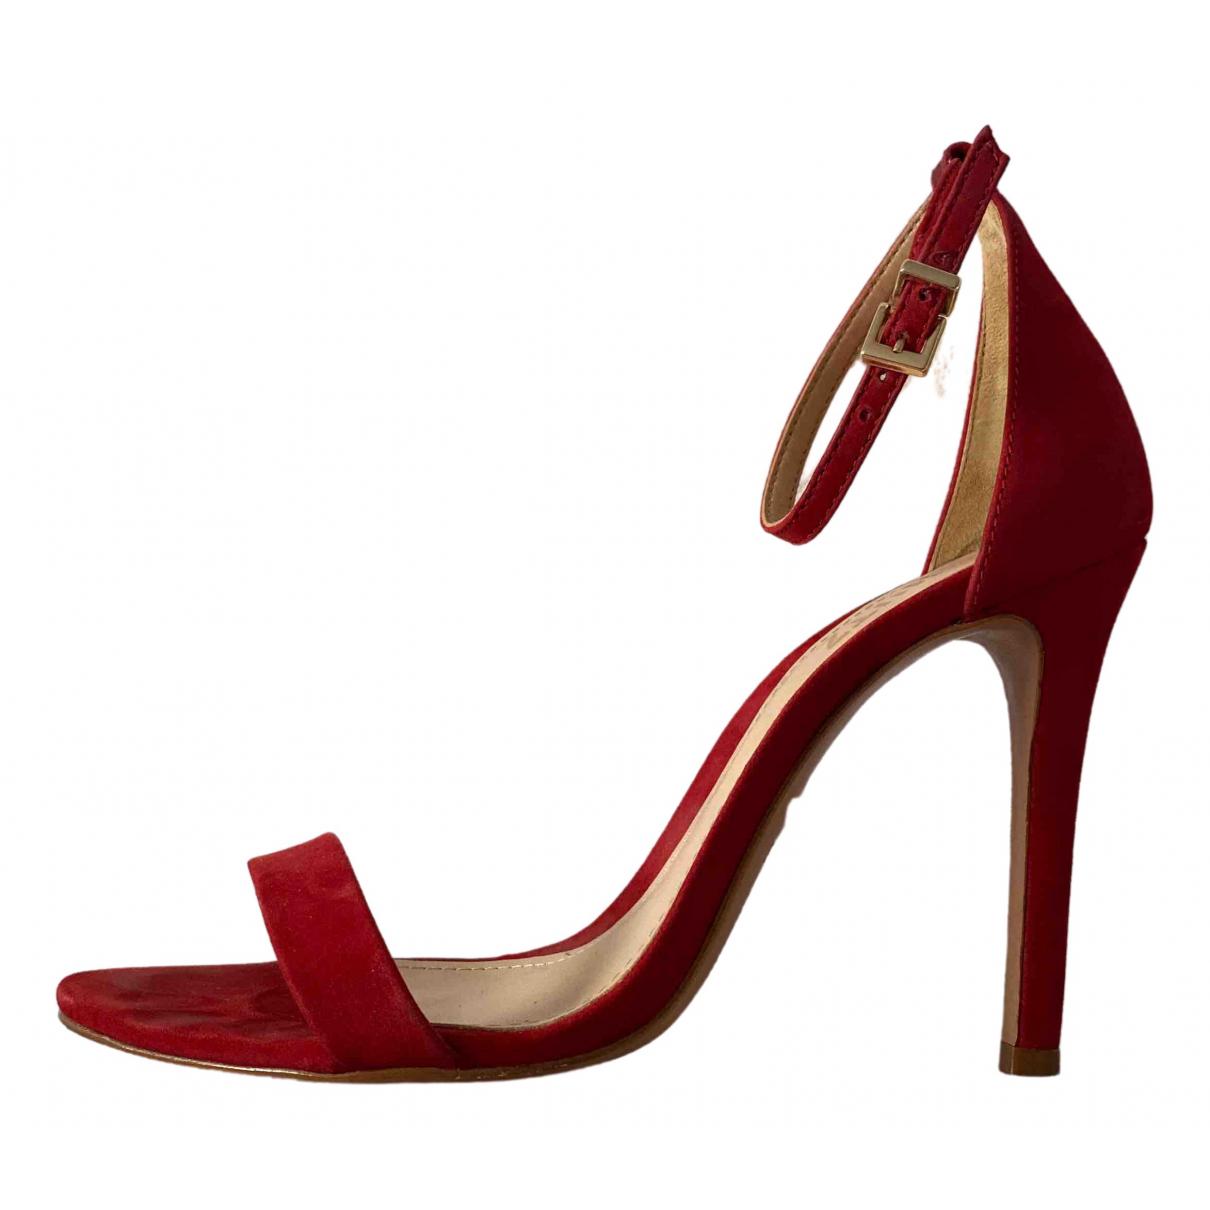 Schutz \N Red Suede Sandals for Women 37.5 EU